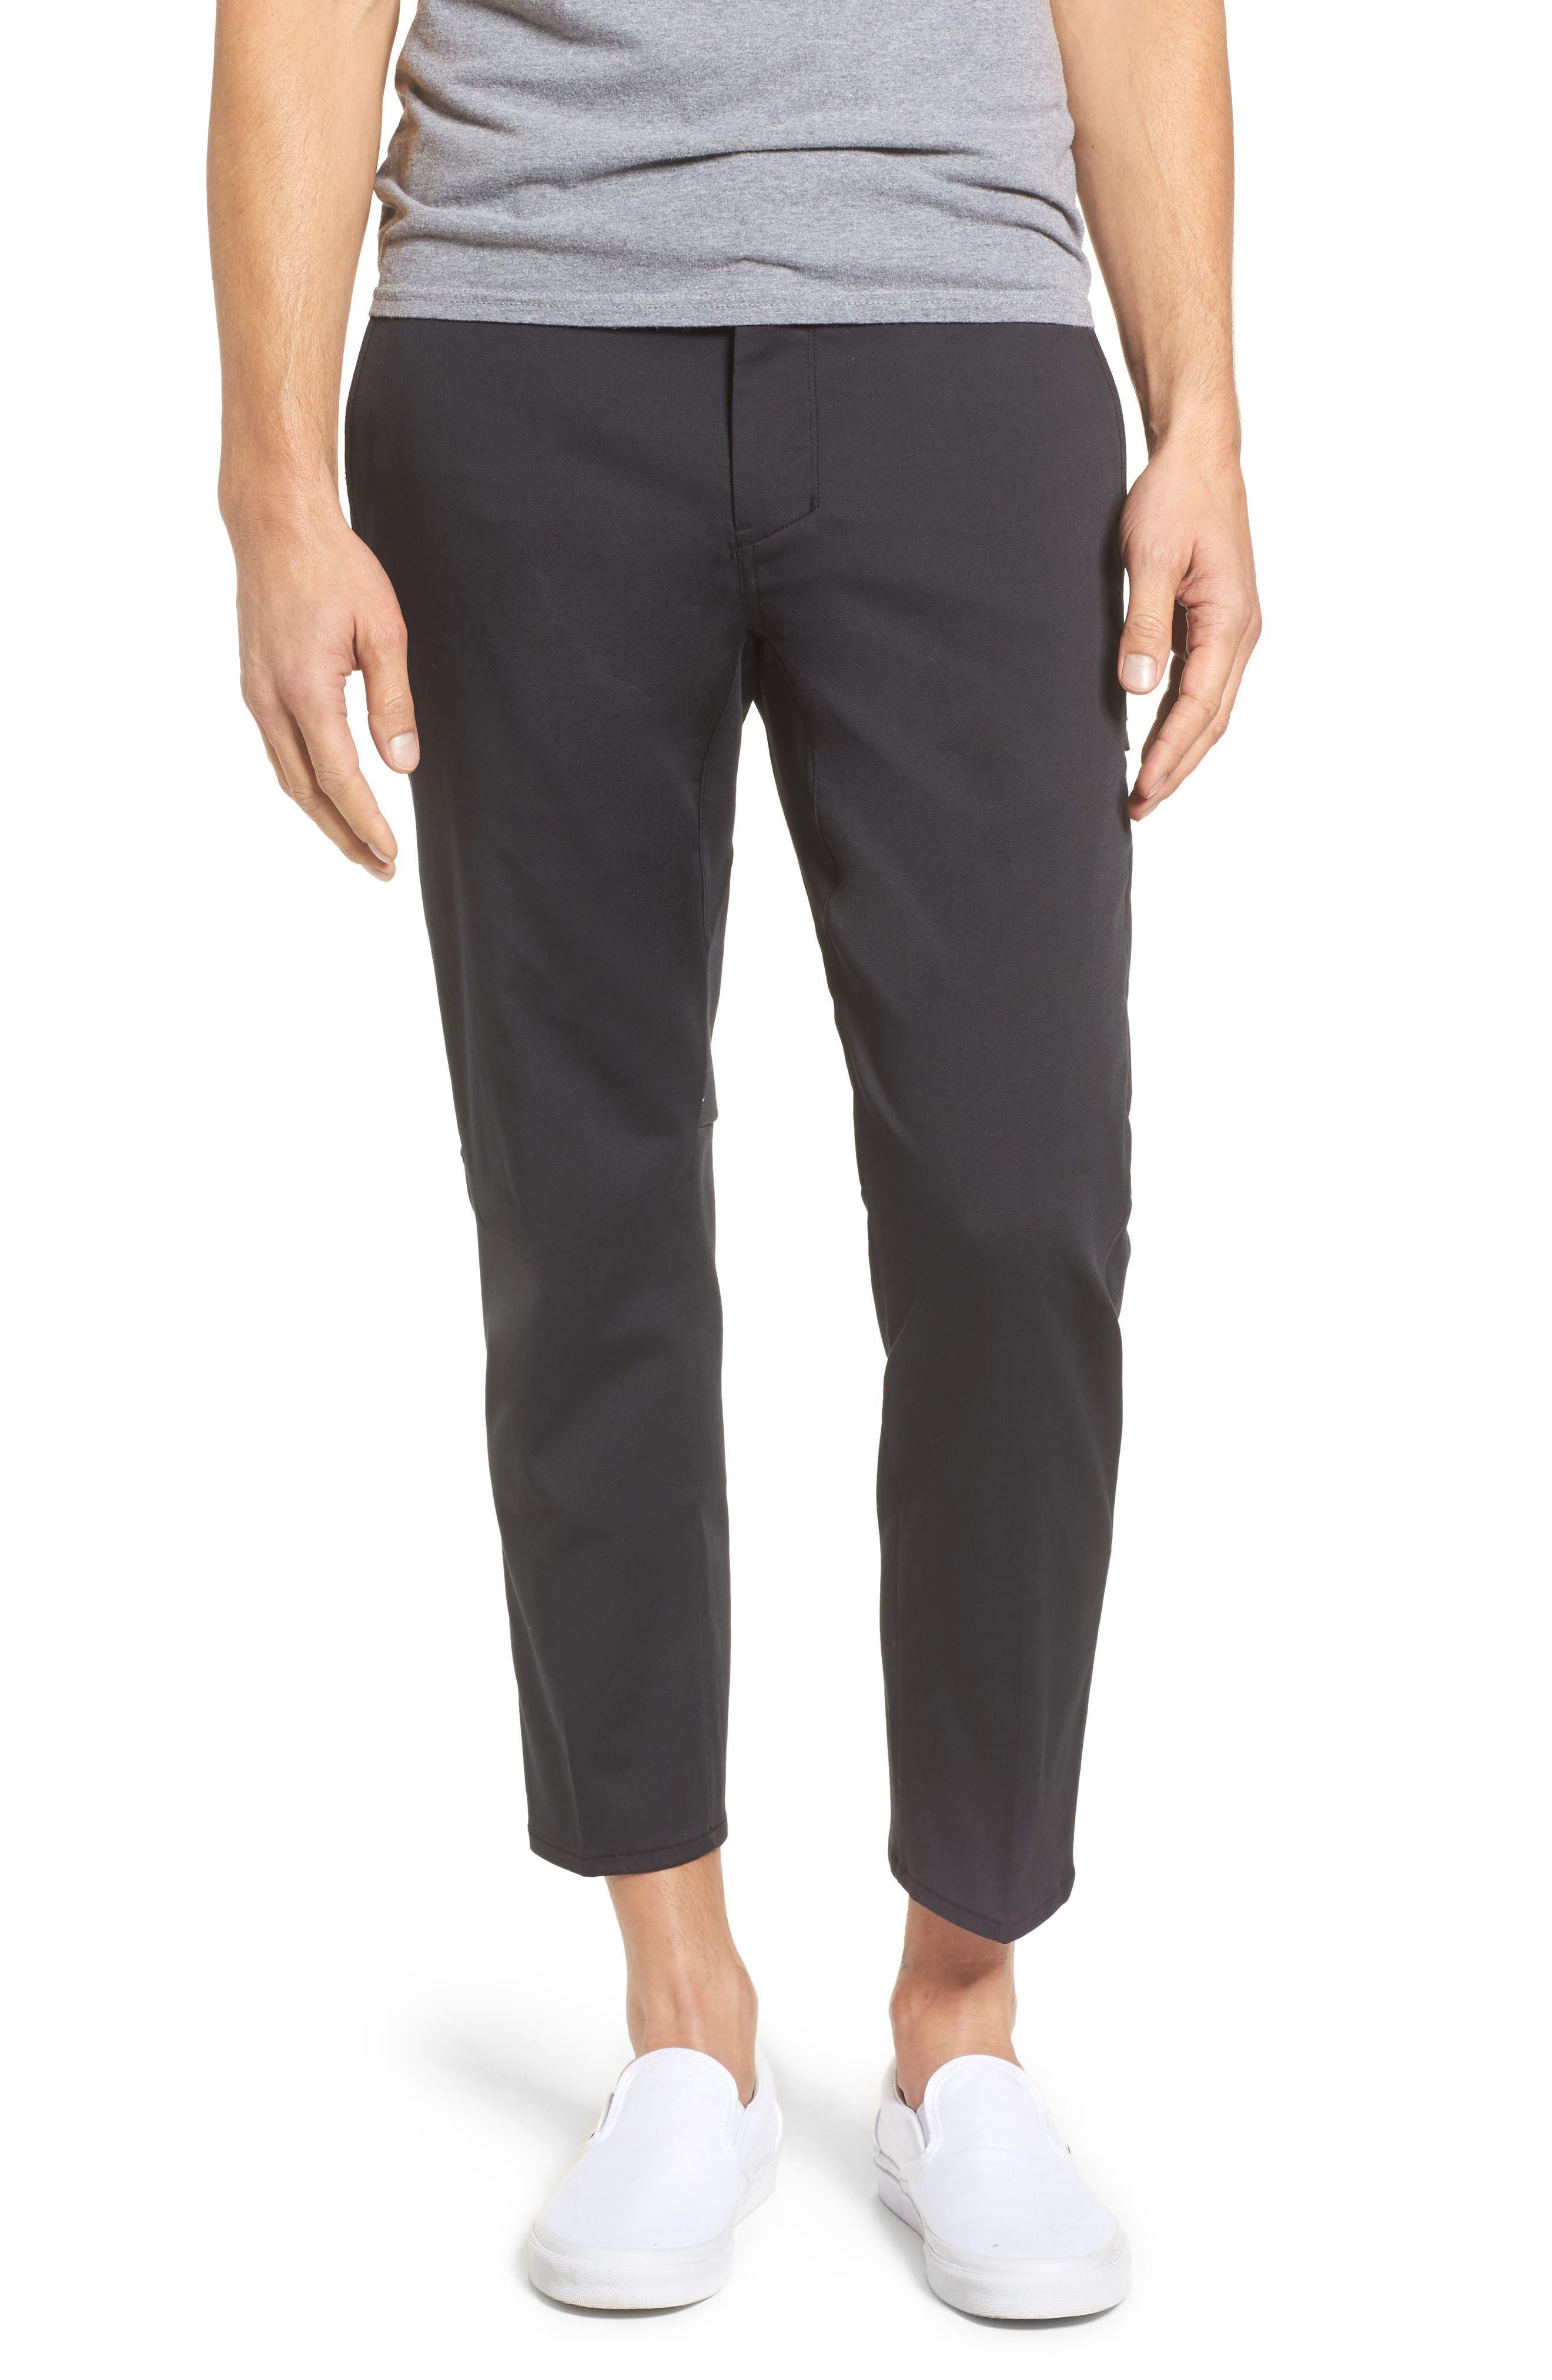 Hurley Covert Slim Fit Crop Pants